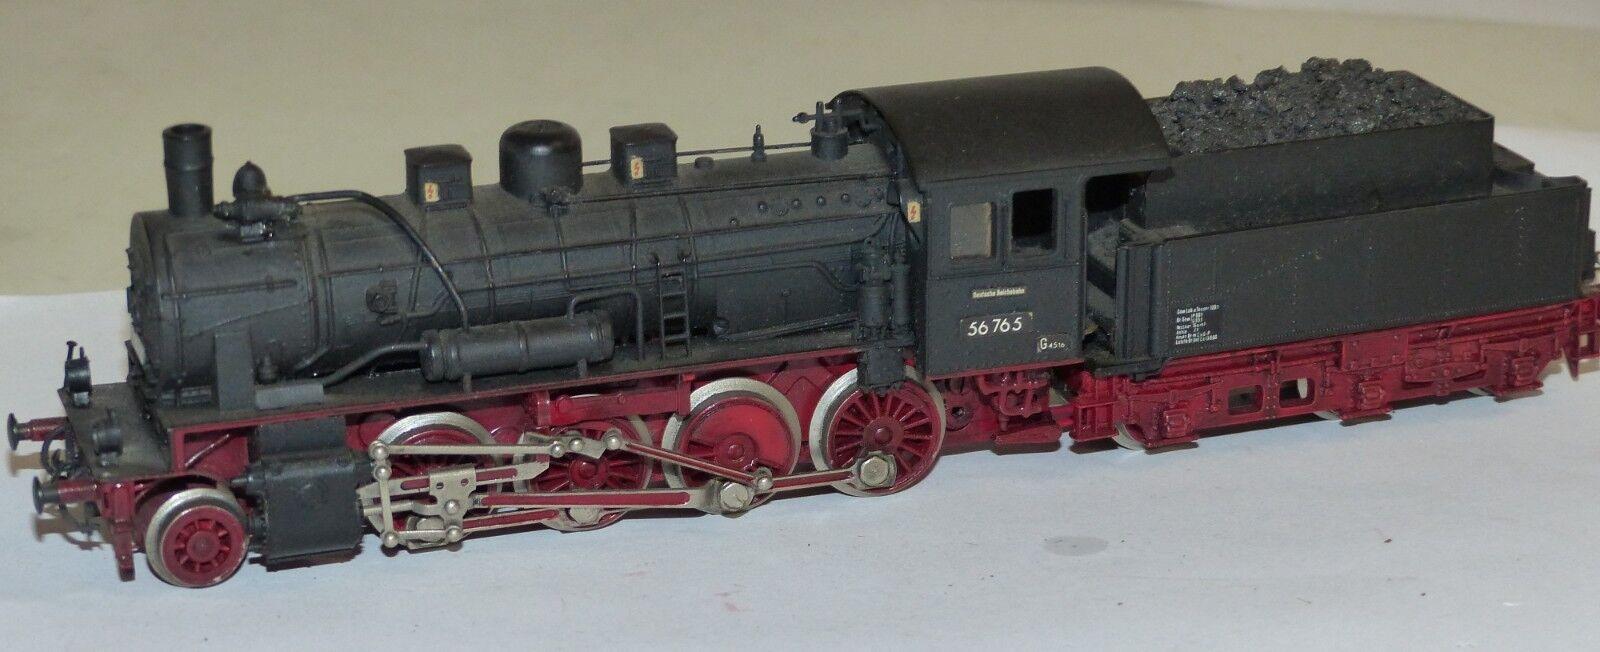 Liliput Dampflok BR BR BR 56 765 DR Spur H0 1 87  gealtert Dampflokomotive Lok a116af